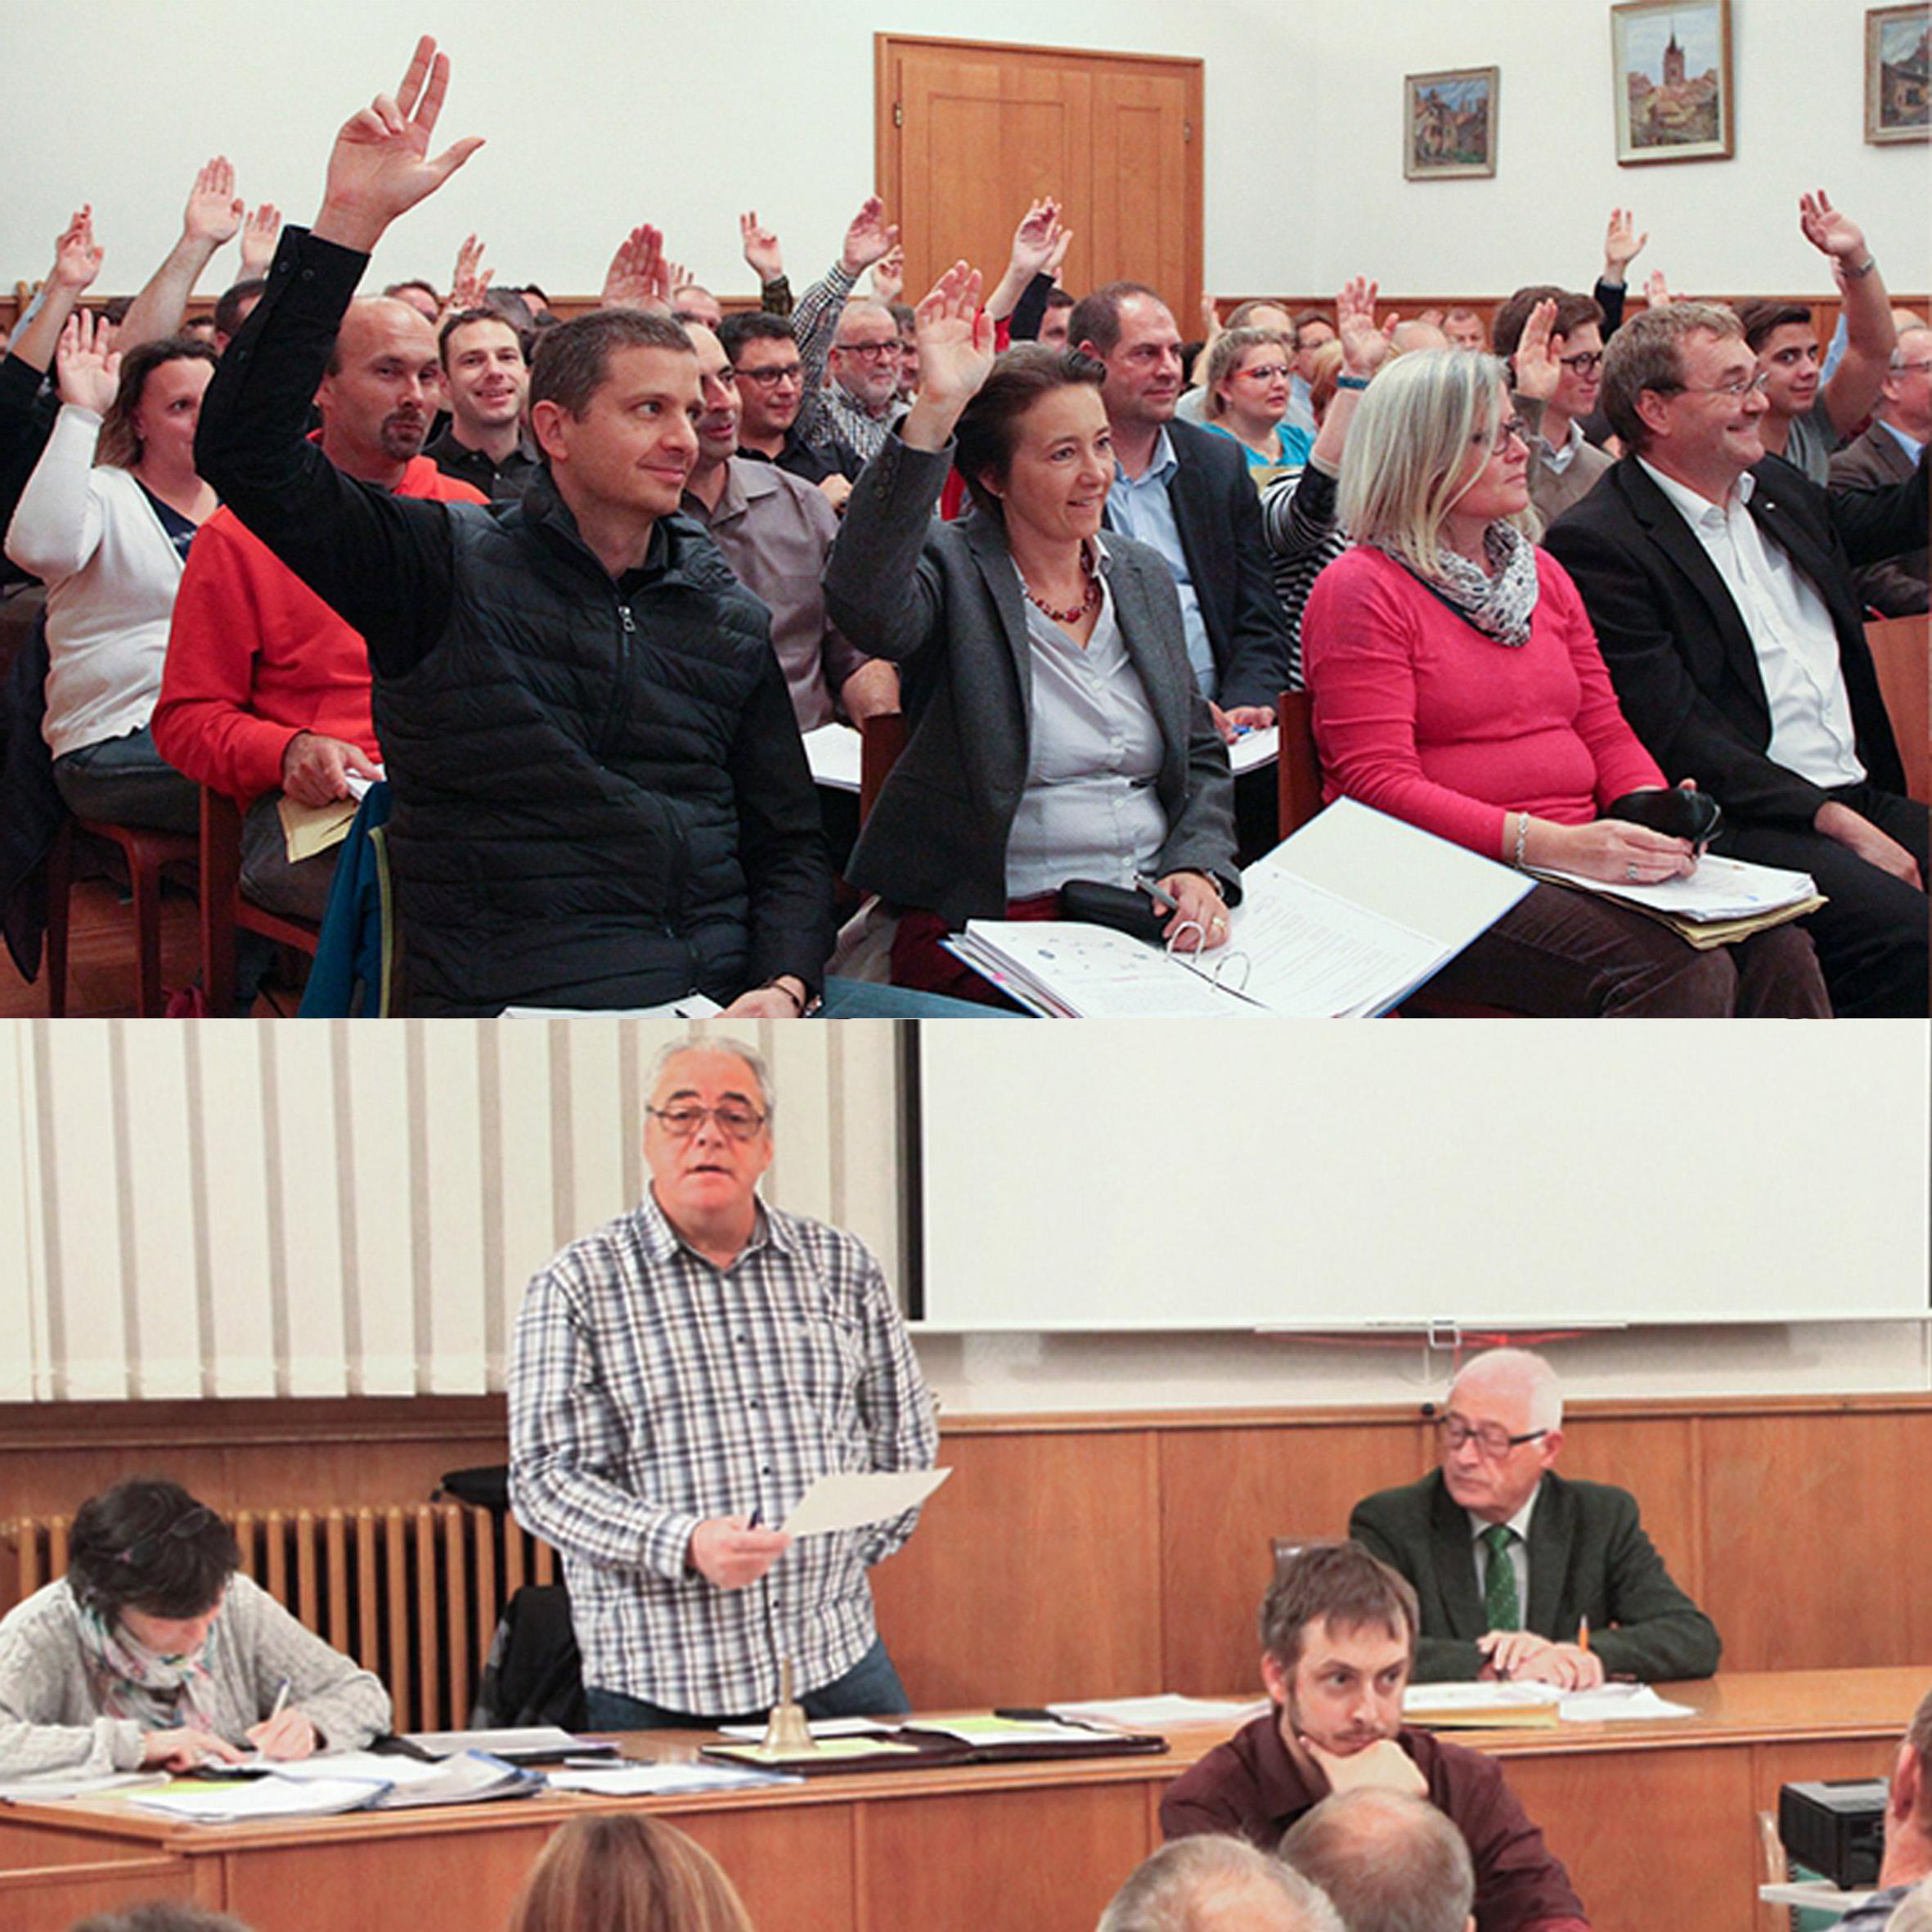 Les conseils communaux et généraux peuvent à nouveau se réunir